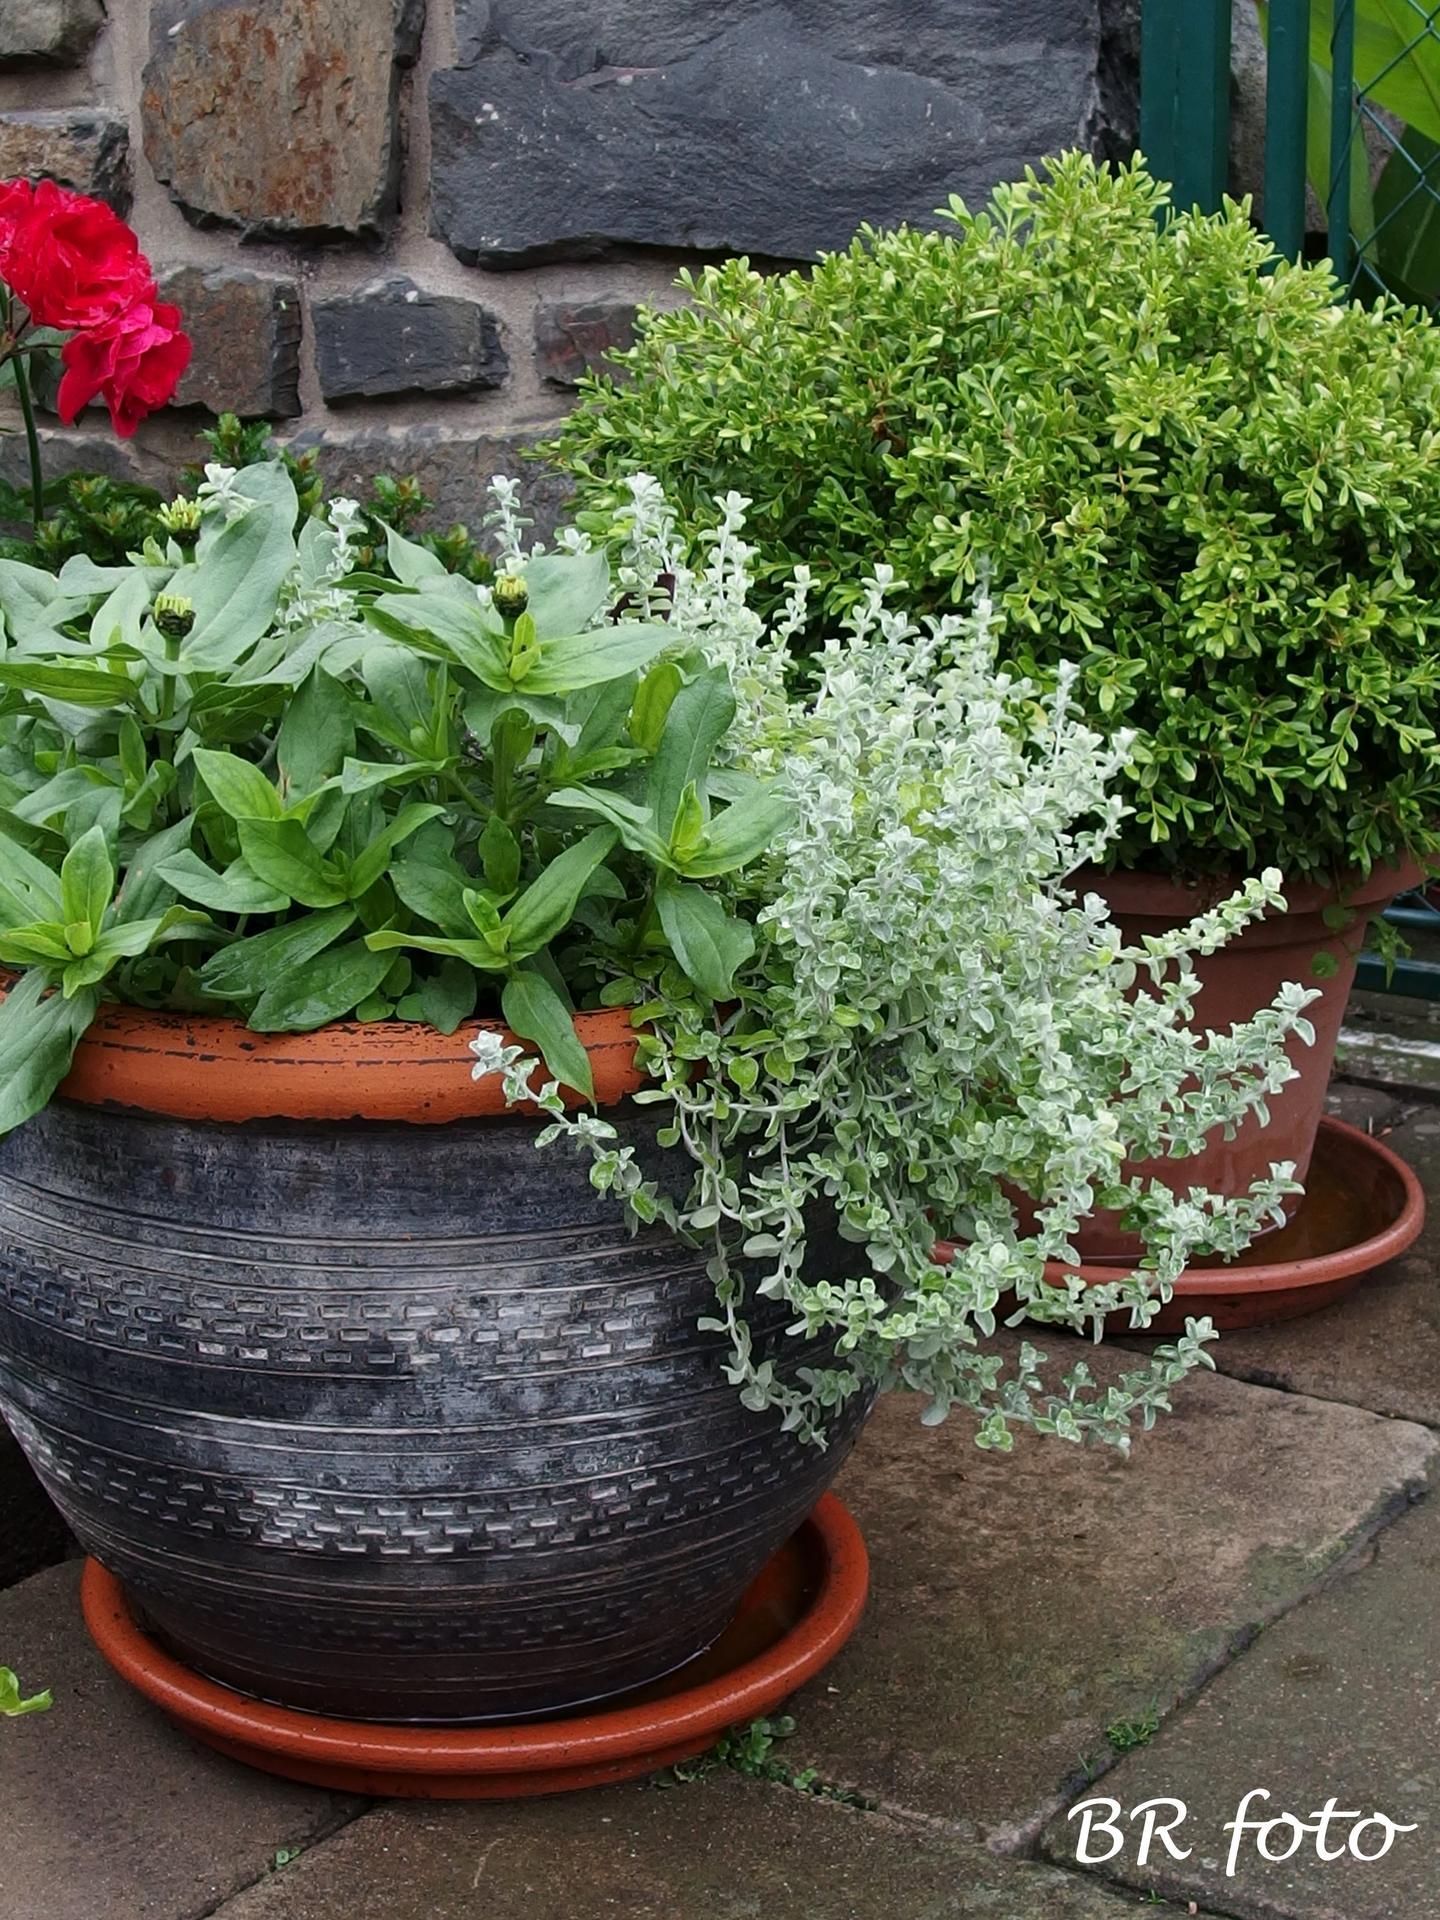 Zahrada v červnu - vše roste a kvete jako o život.... - smil /helichrysum/ a nízká cínie